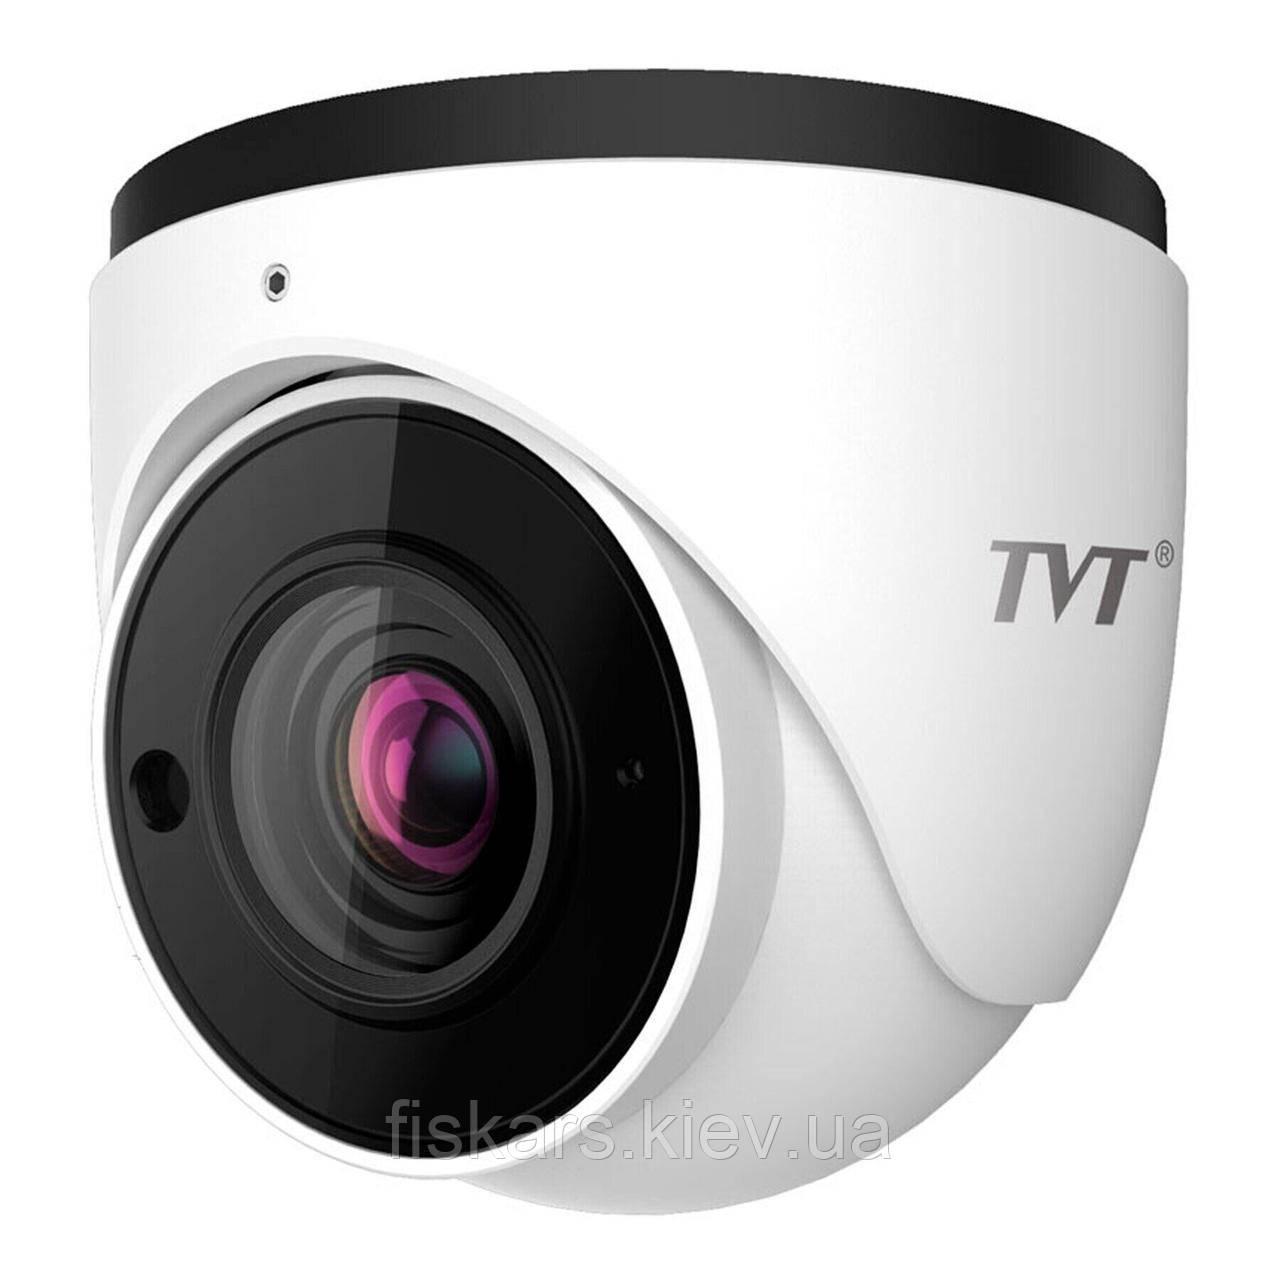 2 Мп IP-камера з видеоаналитикой TVT Digital TD-9525E3 (D/AZ/PE/AR3)